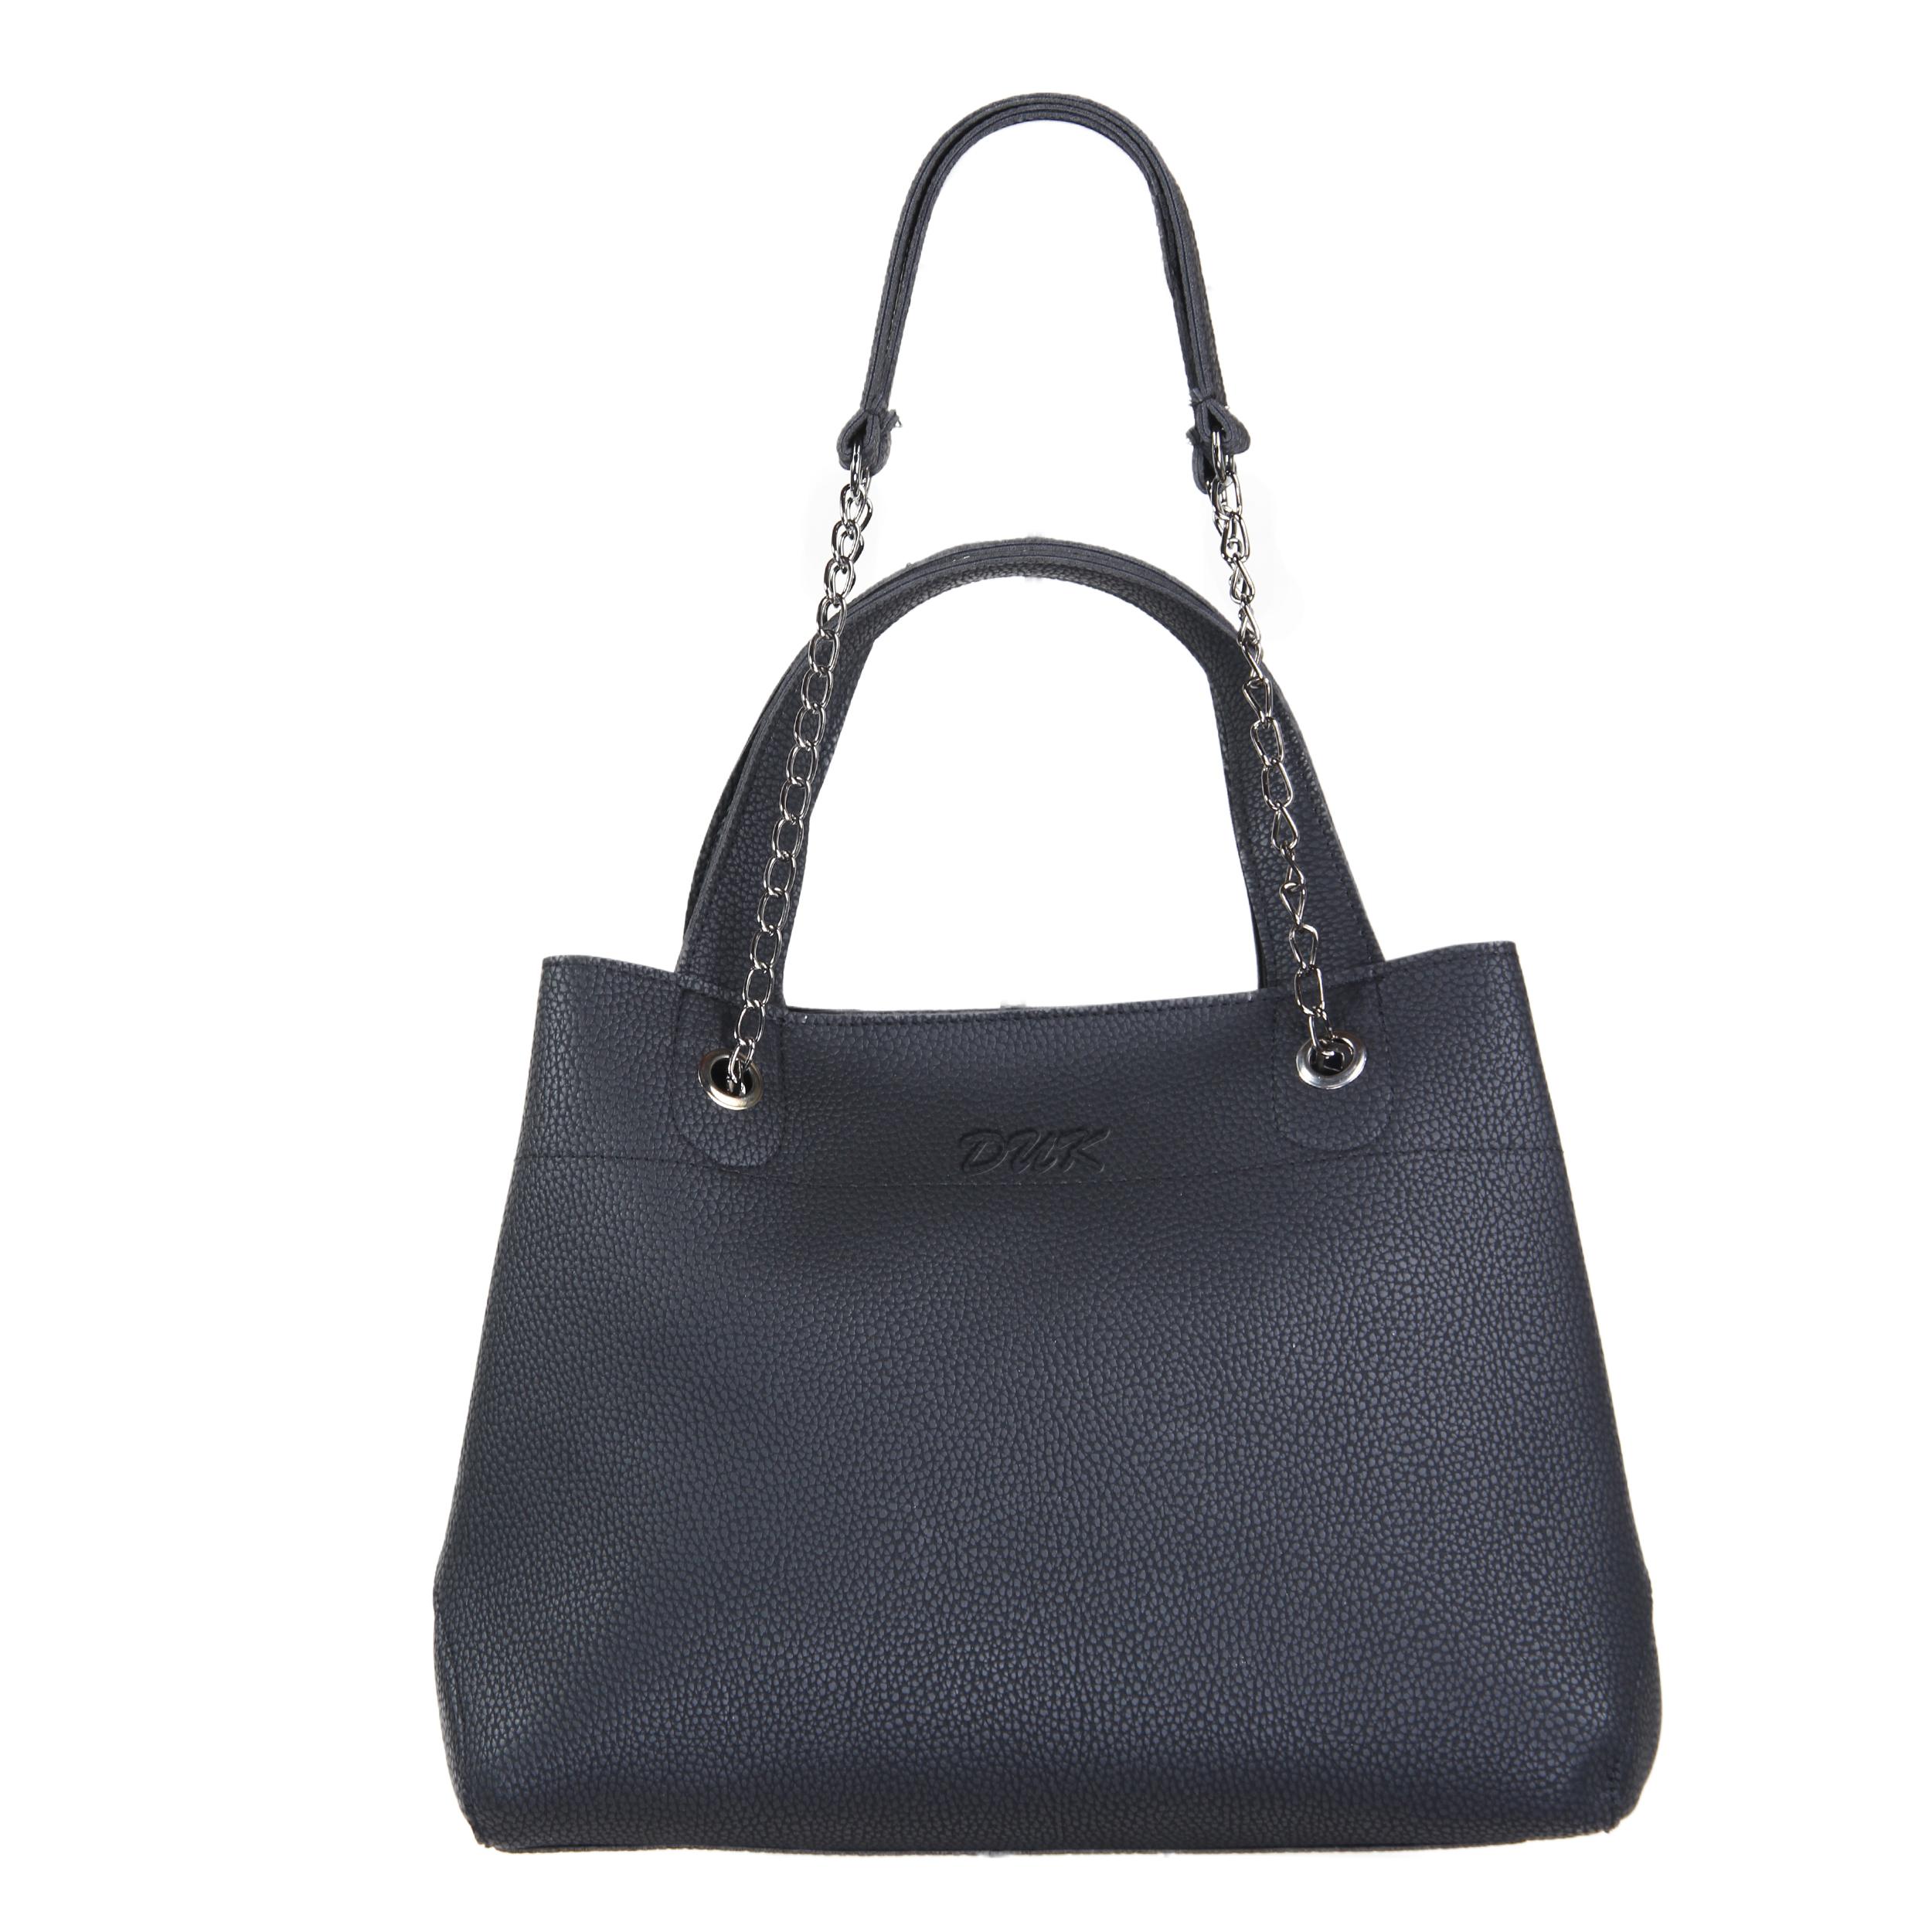 کیف دستی زنانه دوک کد 1-1478